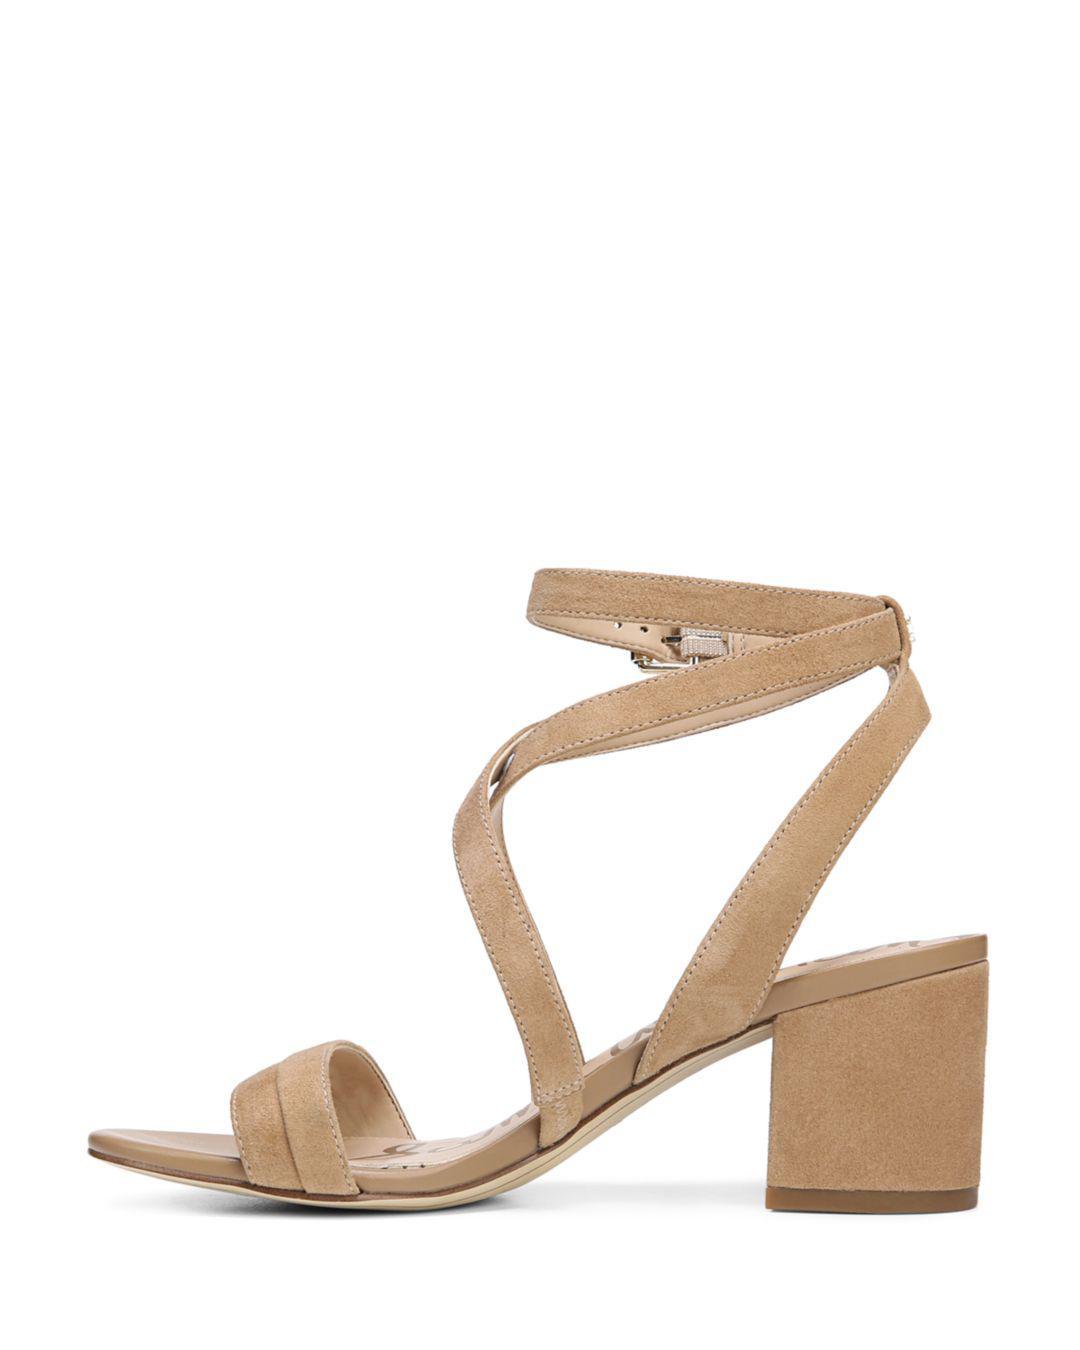 fdbb15d961e Lyst - Sam Edelman Women s Sammy Suede Strappy Block Heel Sandals in ...